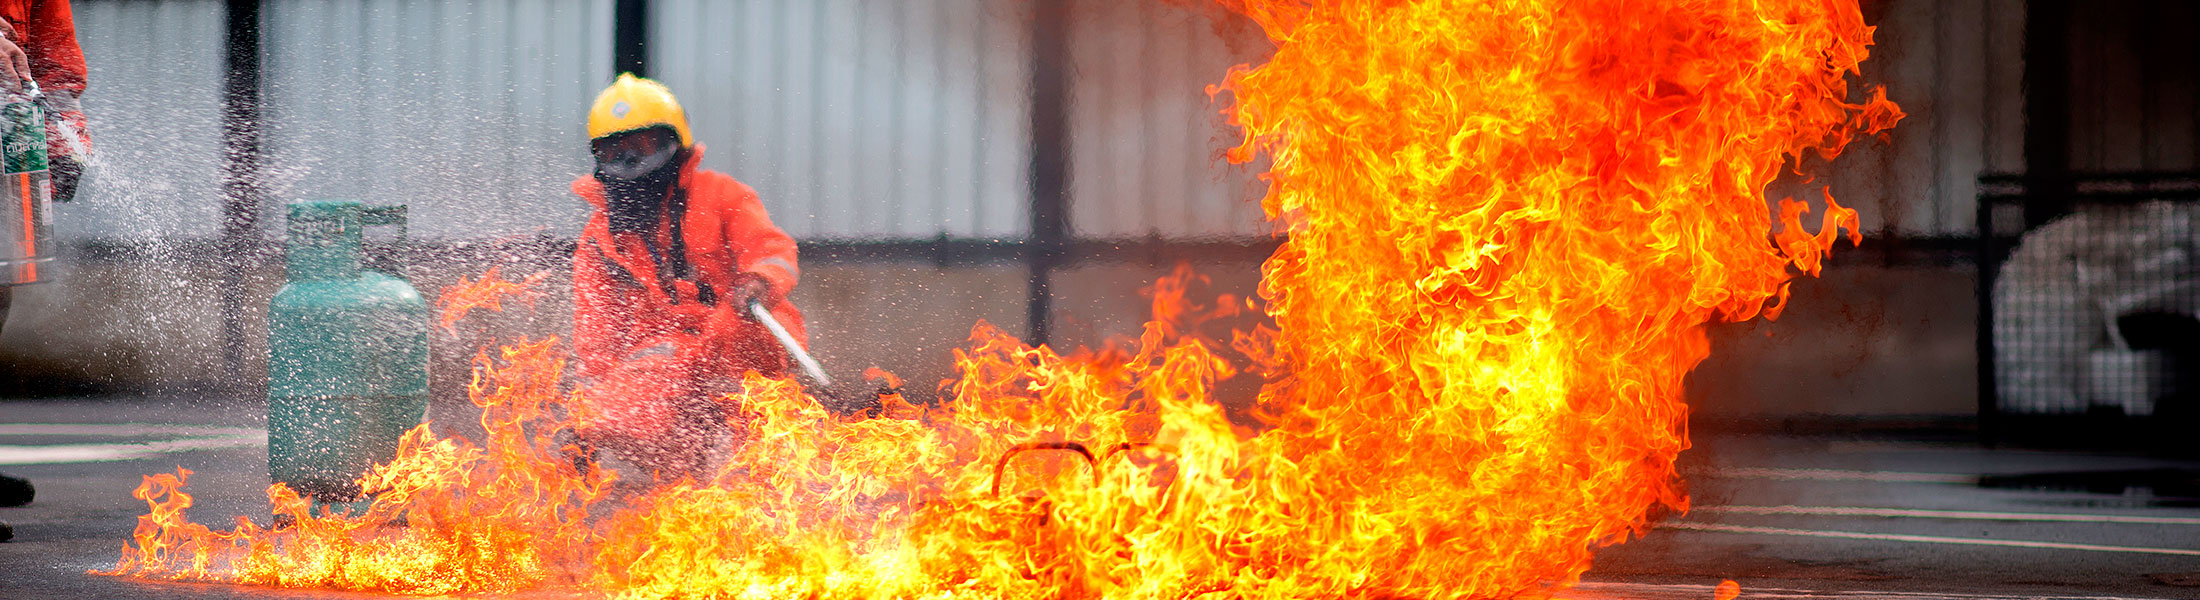 Brandschutzunterweisungen